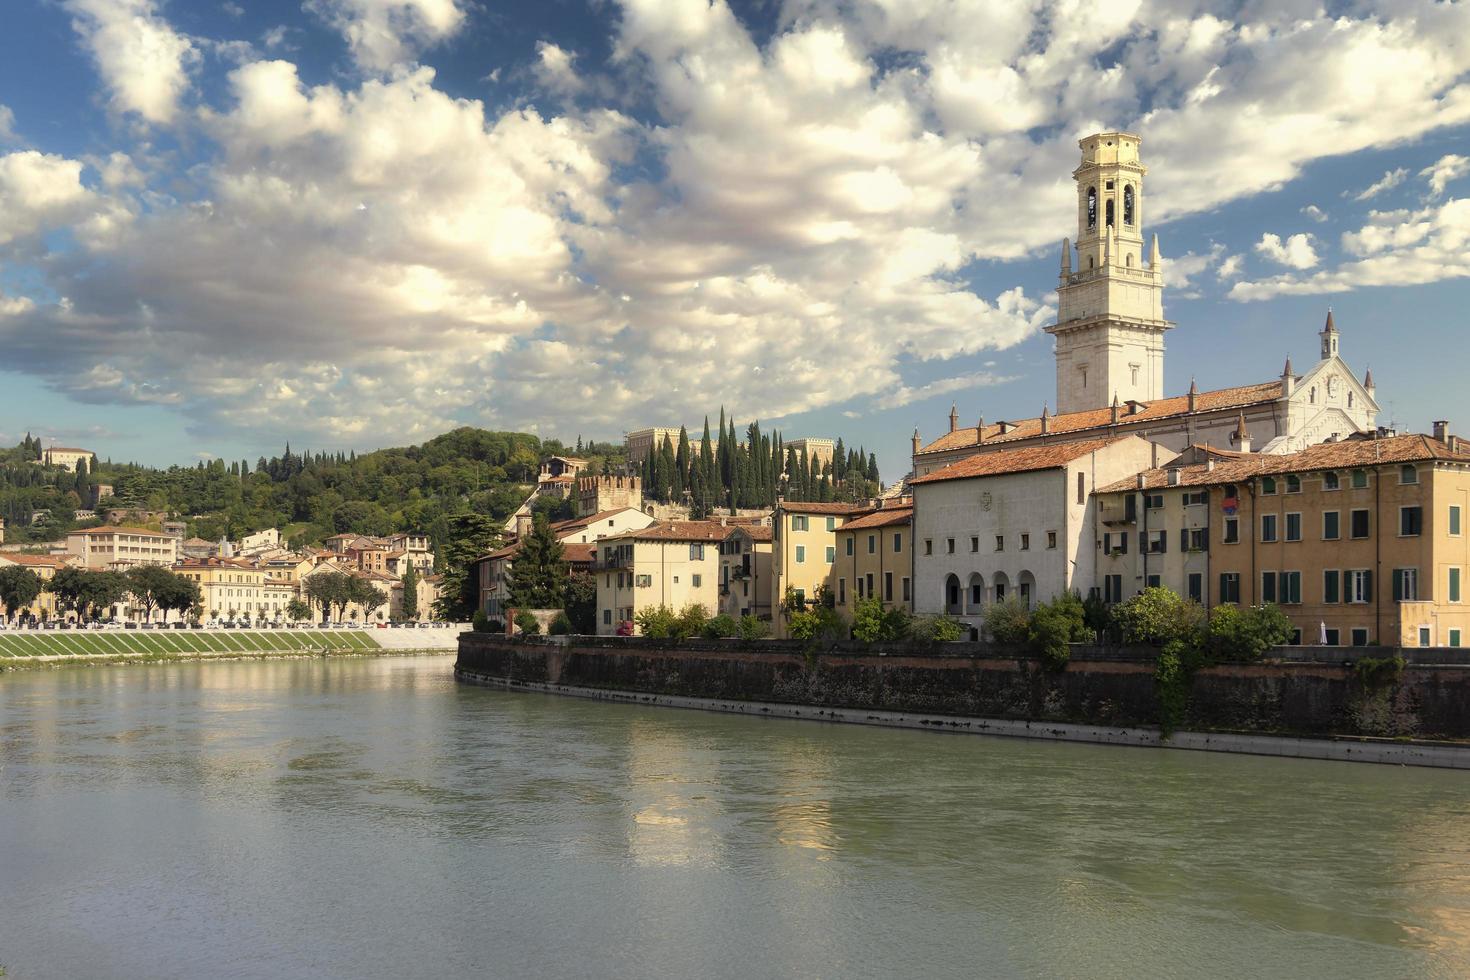 Blick auf die Stadt Verona foto